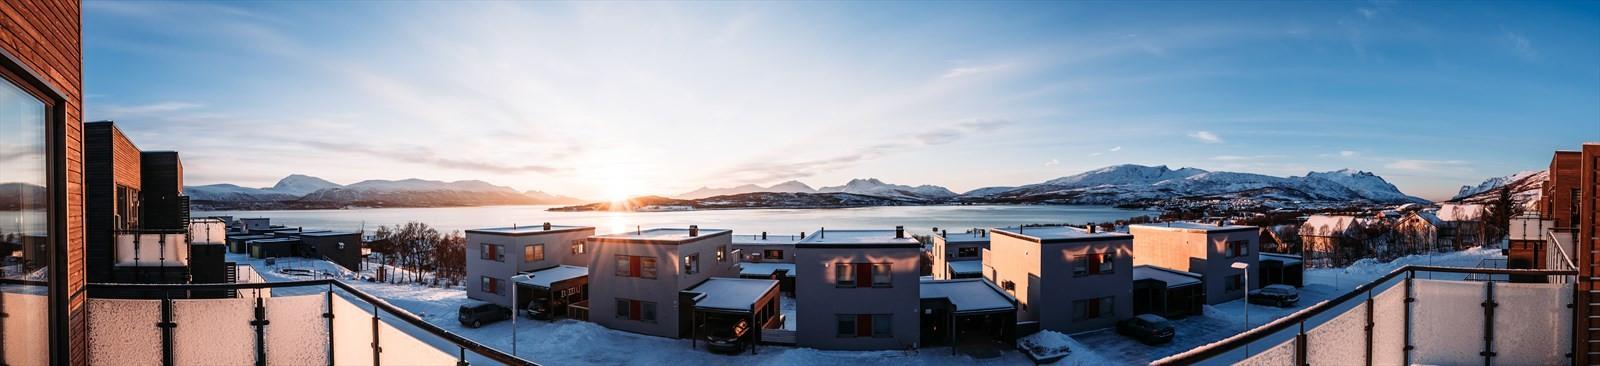 Utsikt, panorama